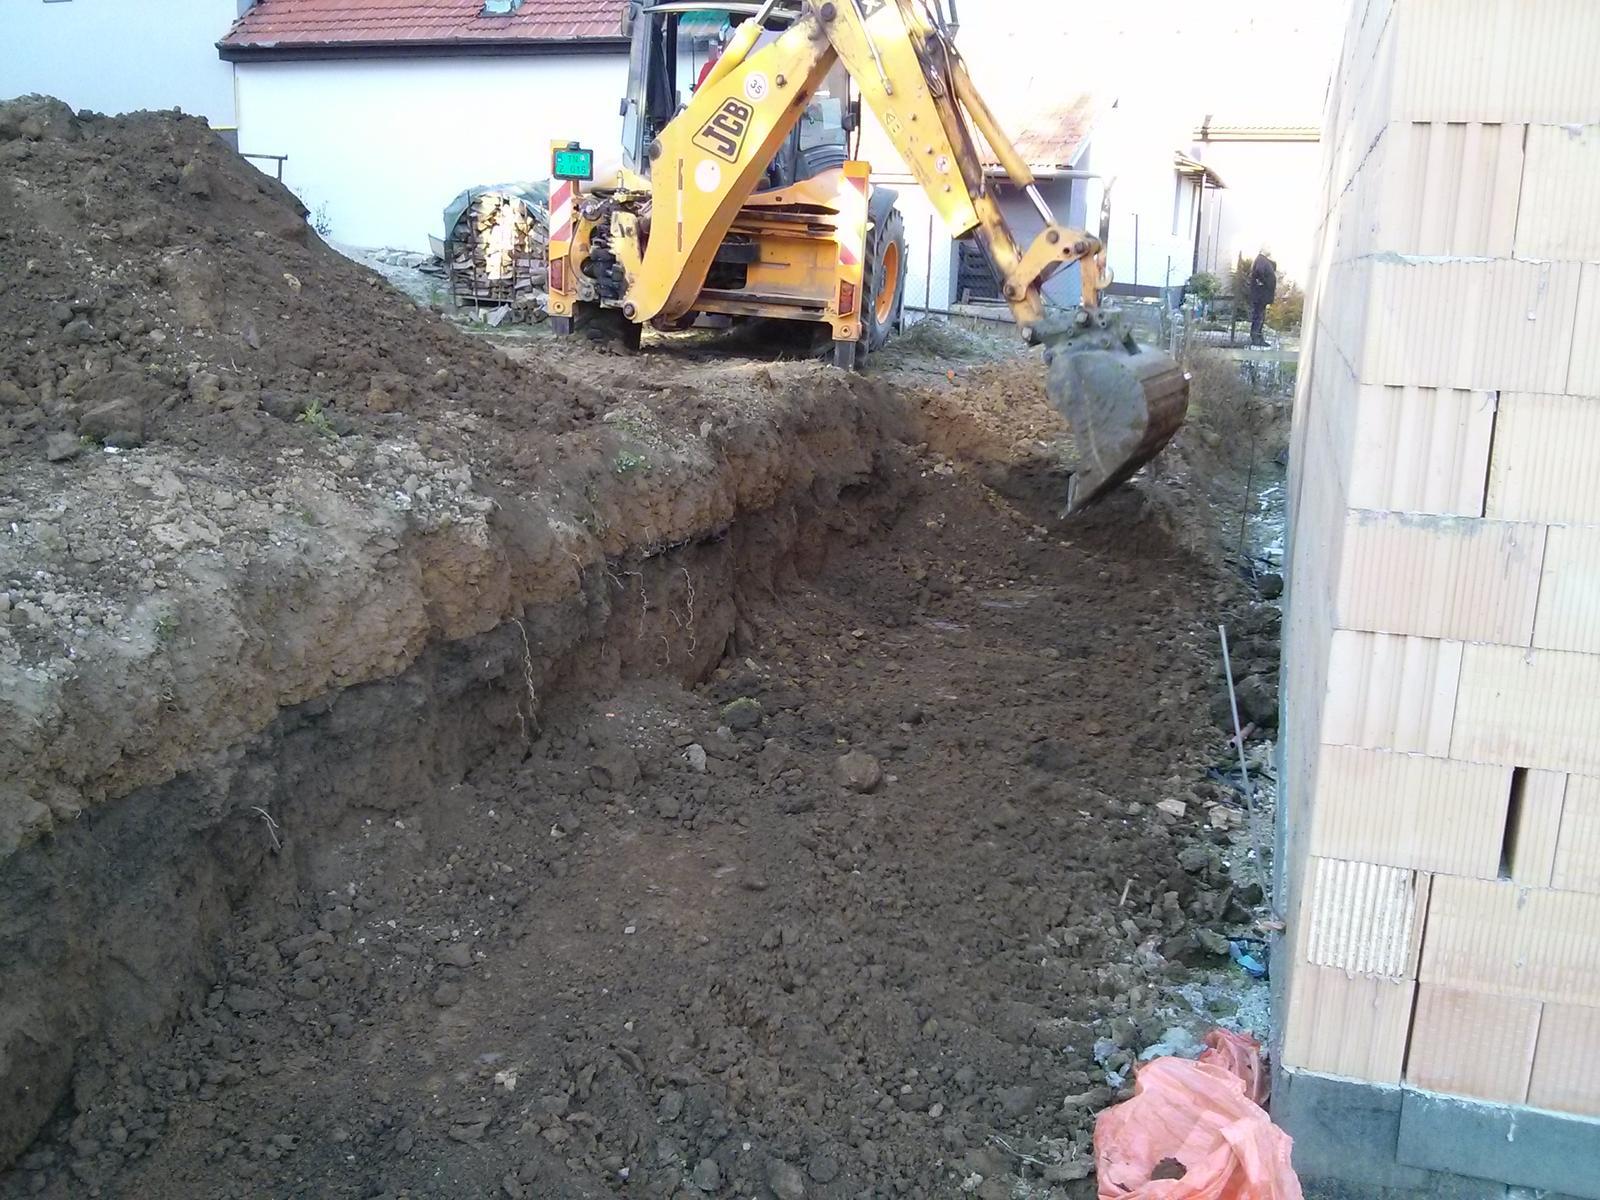 """Staviame """"pasívny"""" dom """"svojpomocne"""" - 08/10/13 - bager pripravuje miesto pre budúci oporný múr, ktorý robíme so susedmi"""